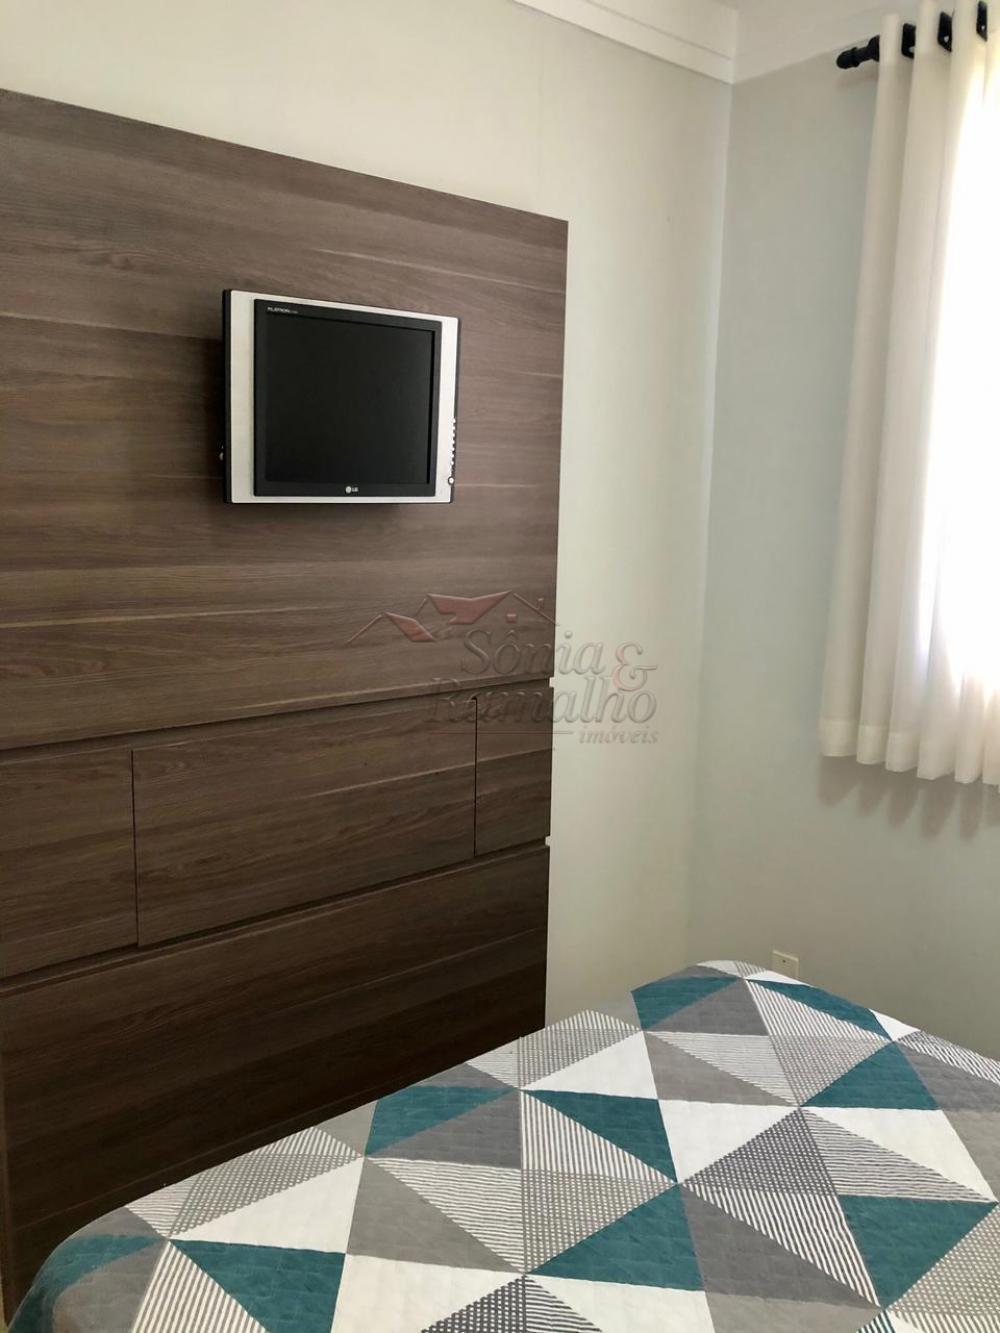 Comprar Apartamentos / Padrão em Ribeirão Preto R$ 229.000,00 - Foto 10